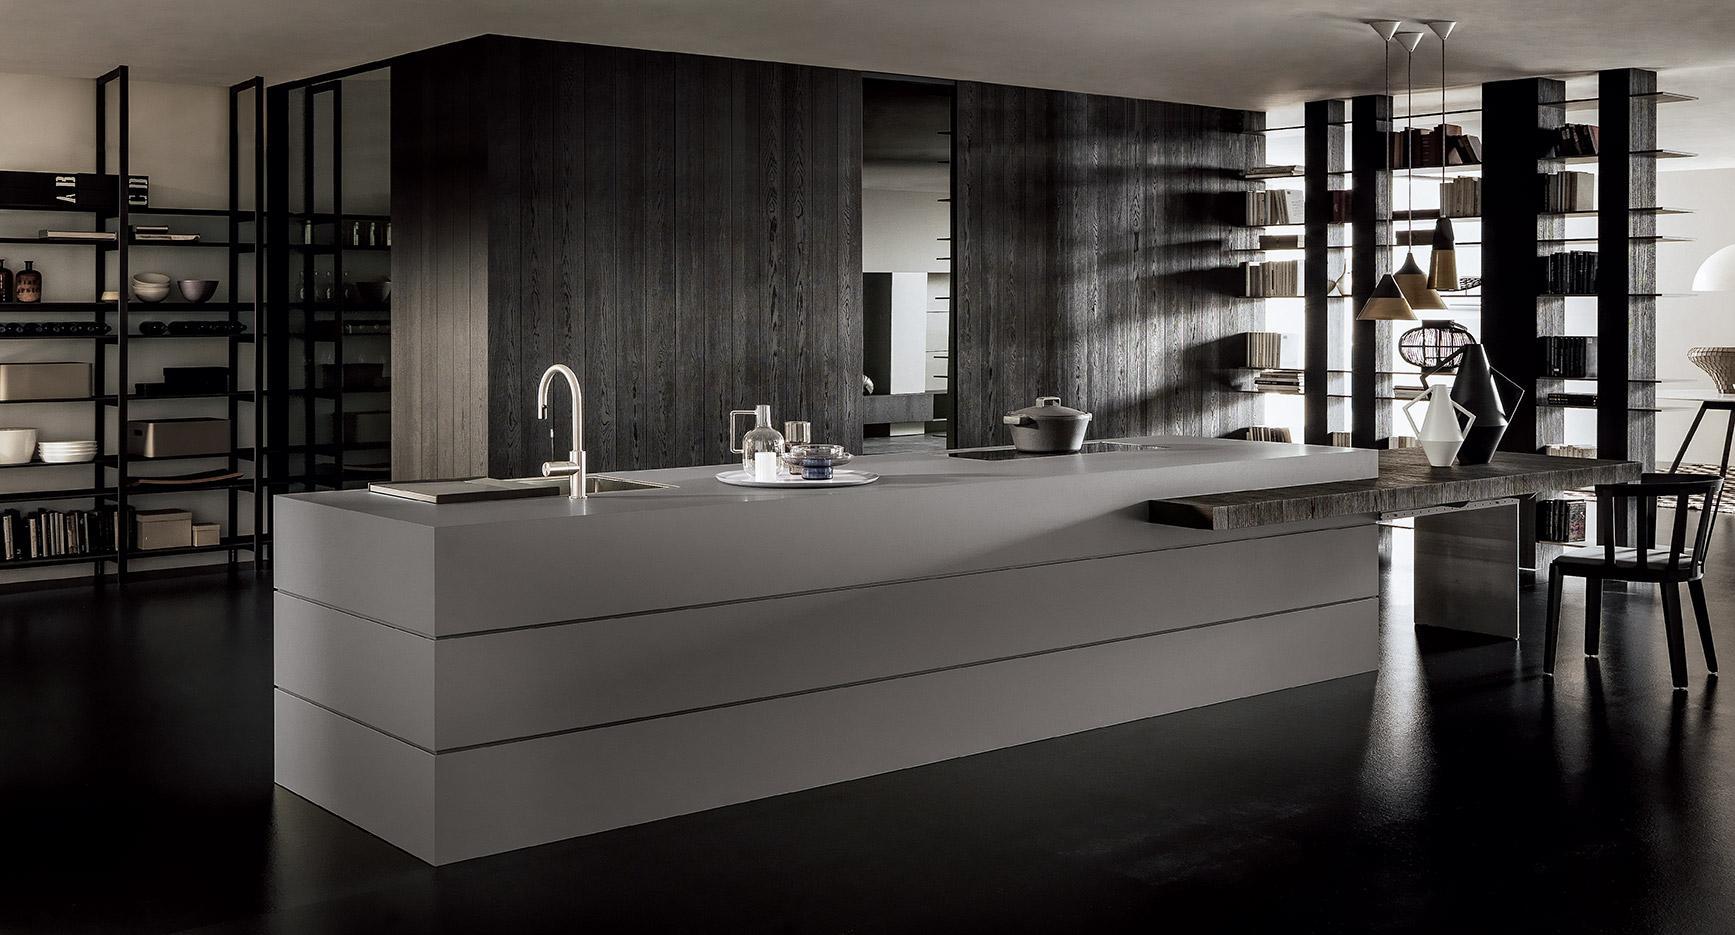 Blade - Modern Kerlite Kitchens | Modulnova Kitchen